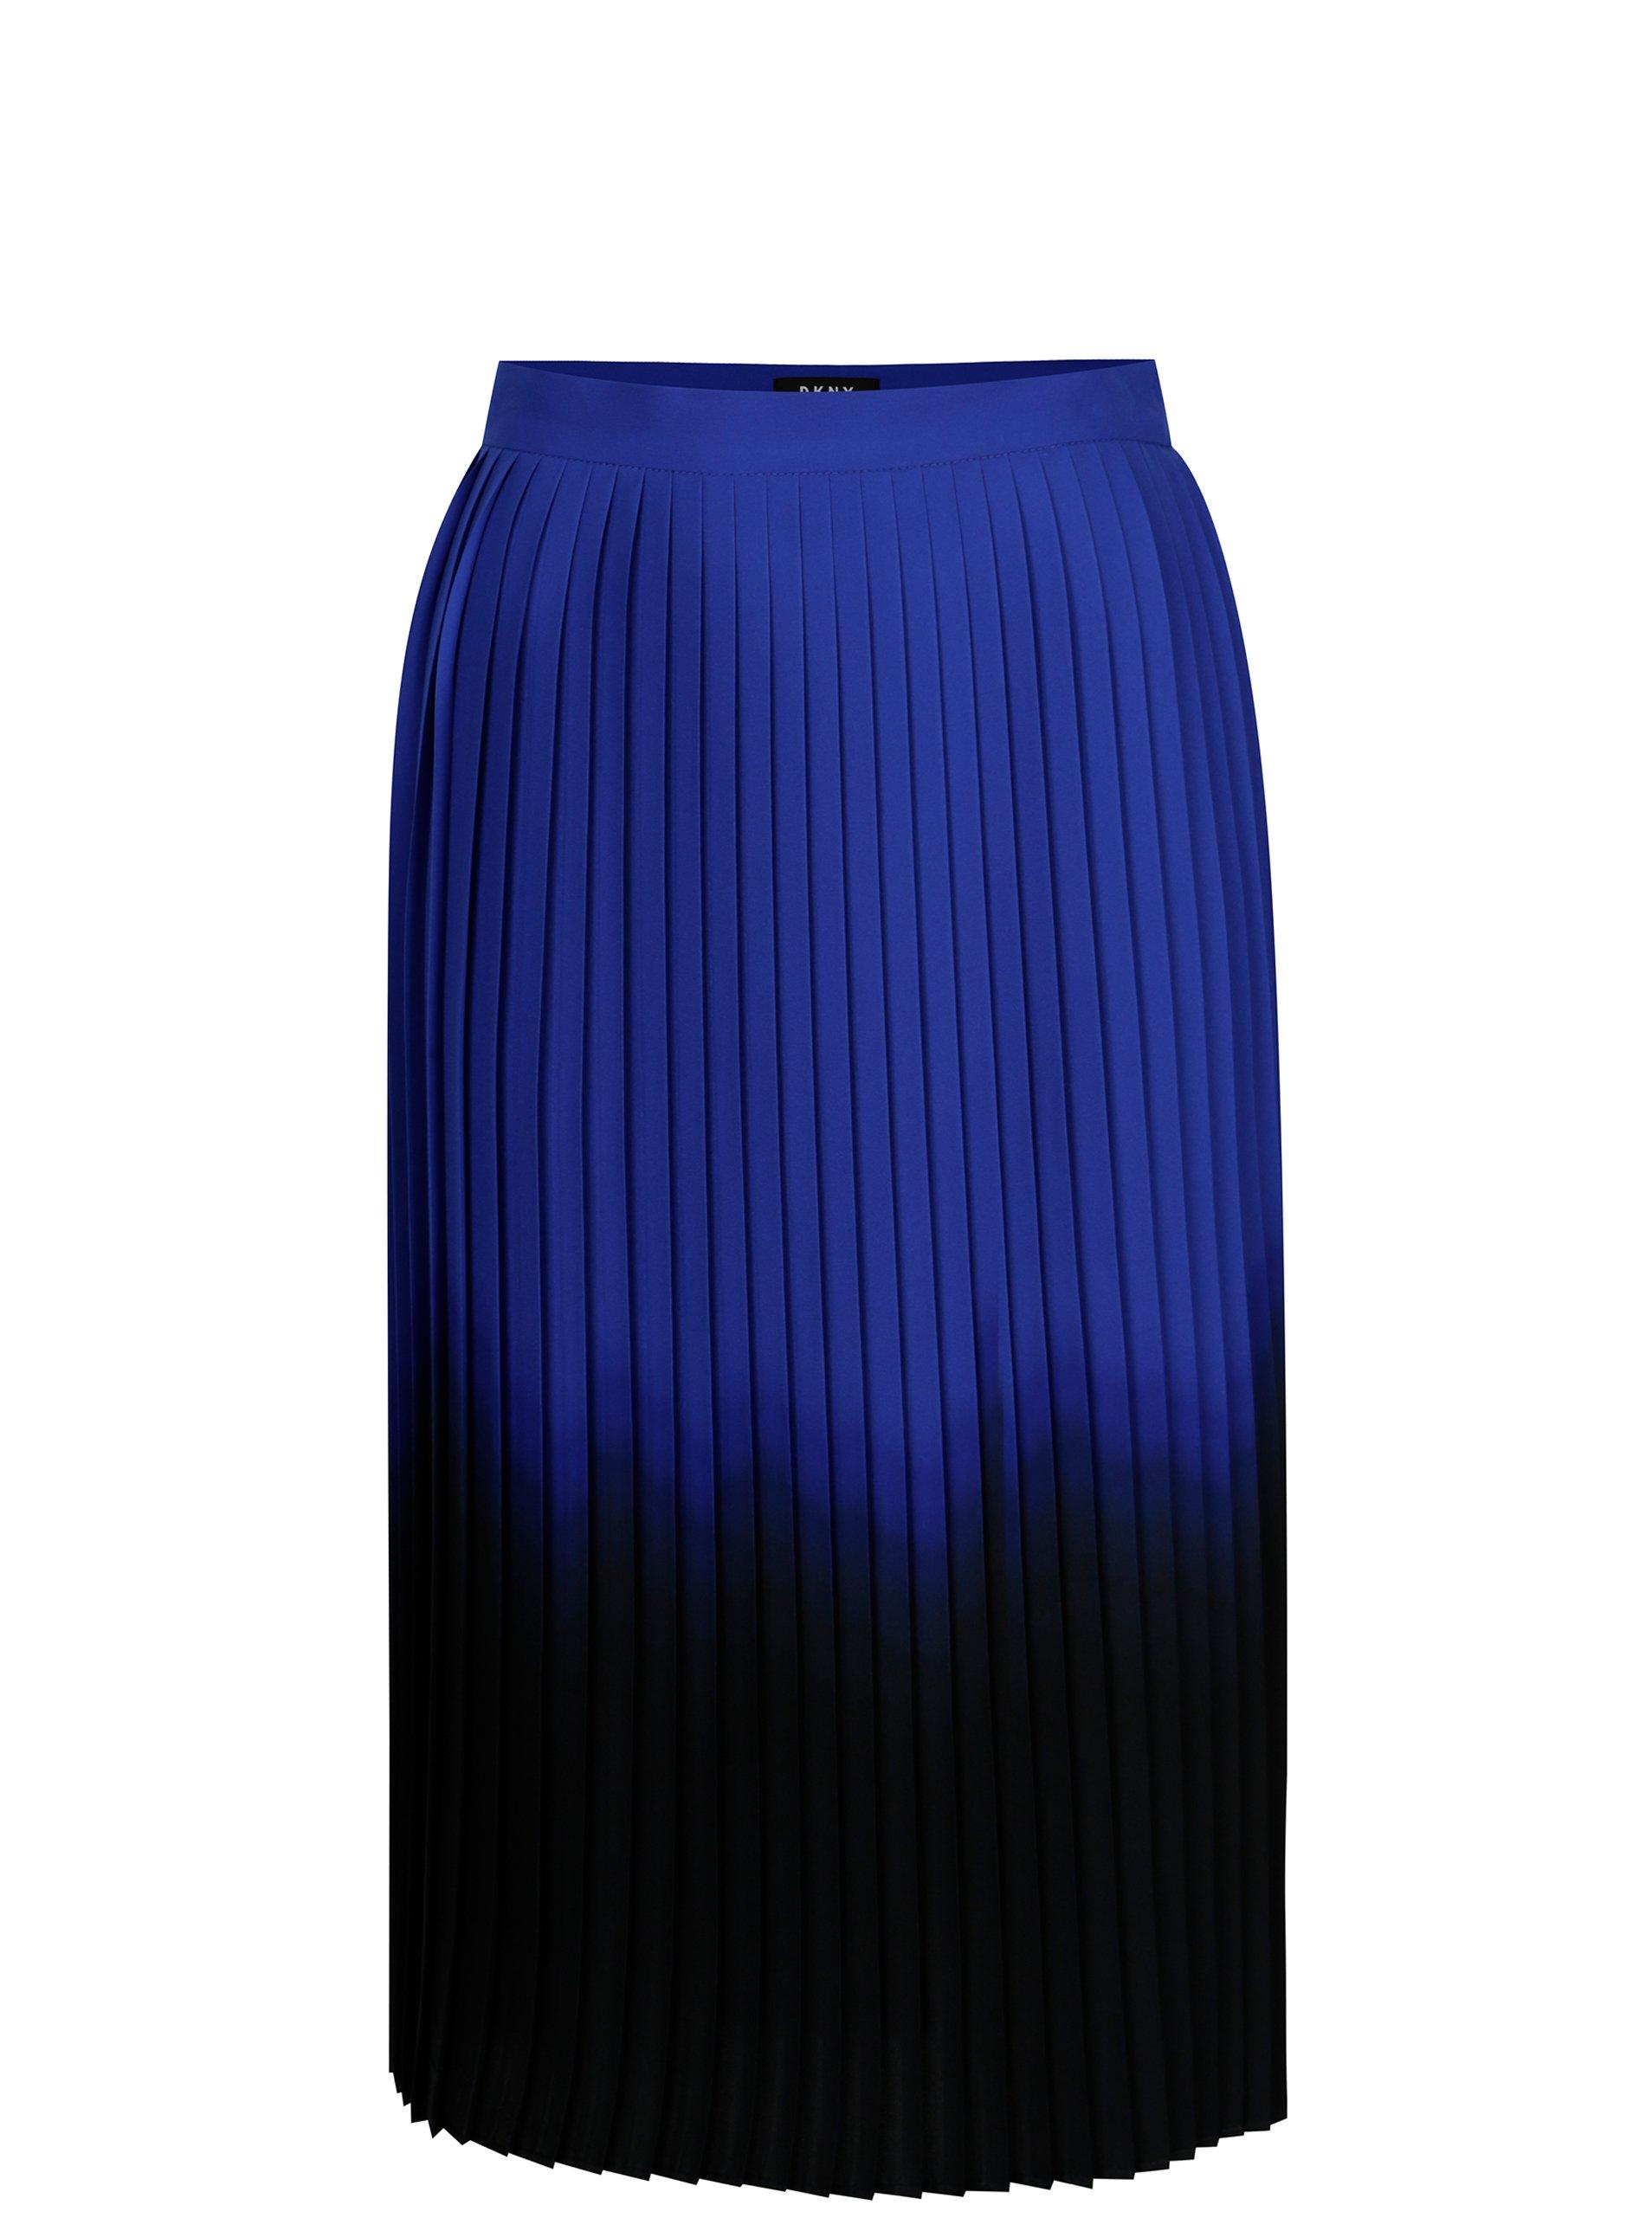 Modro-černá plisovaná sukně DKNY